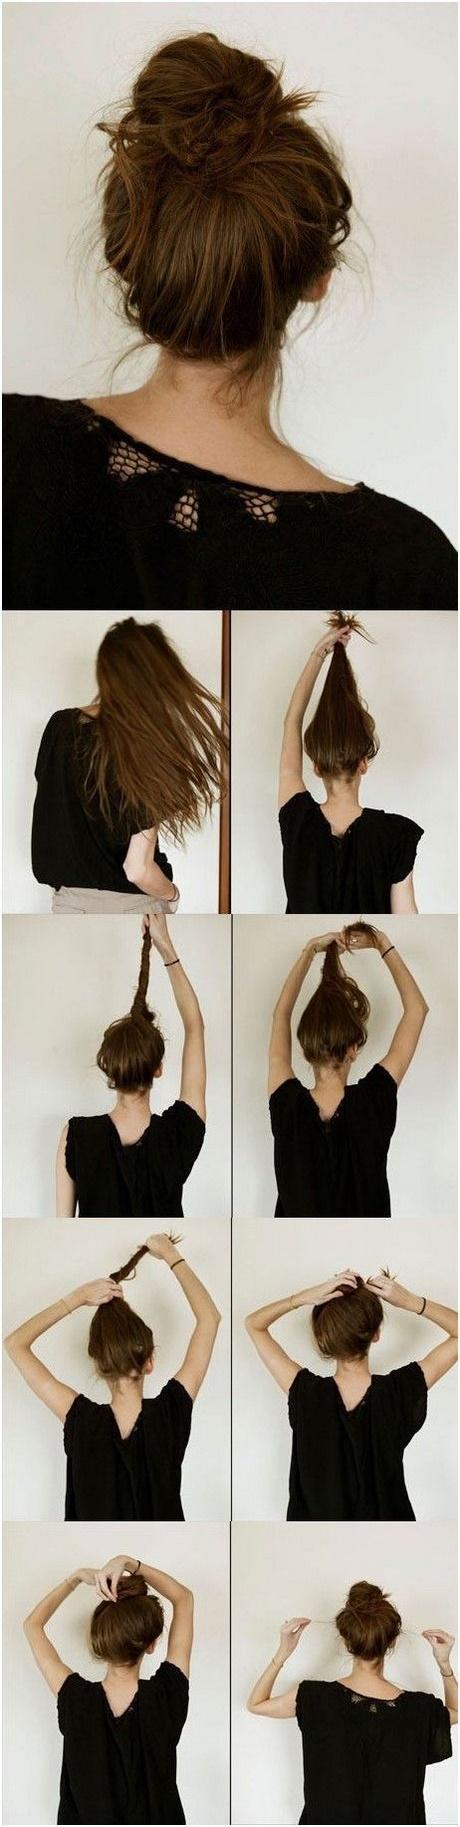 Как сделать пучок когда густые волосы